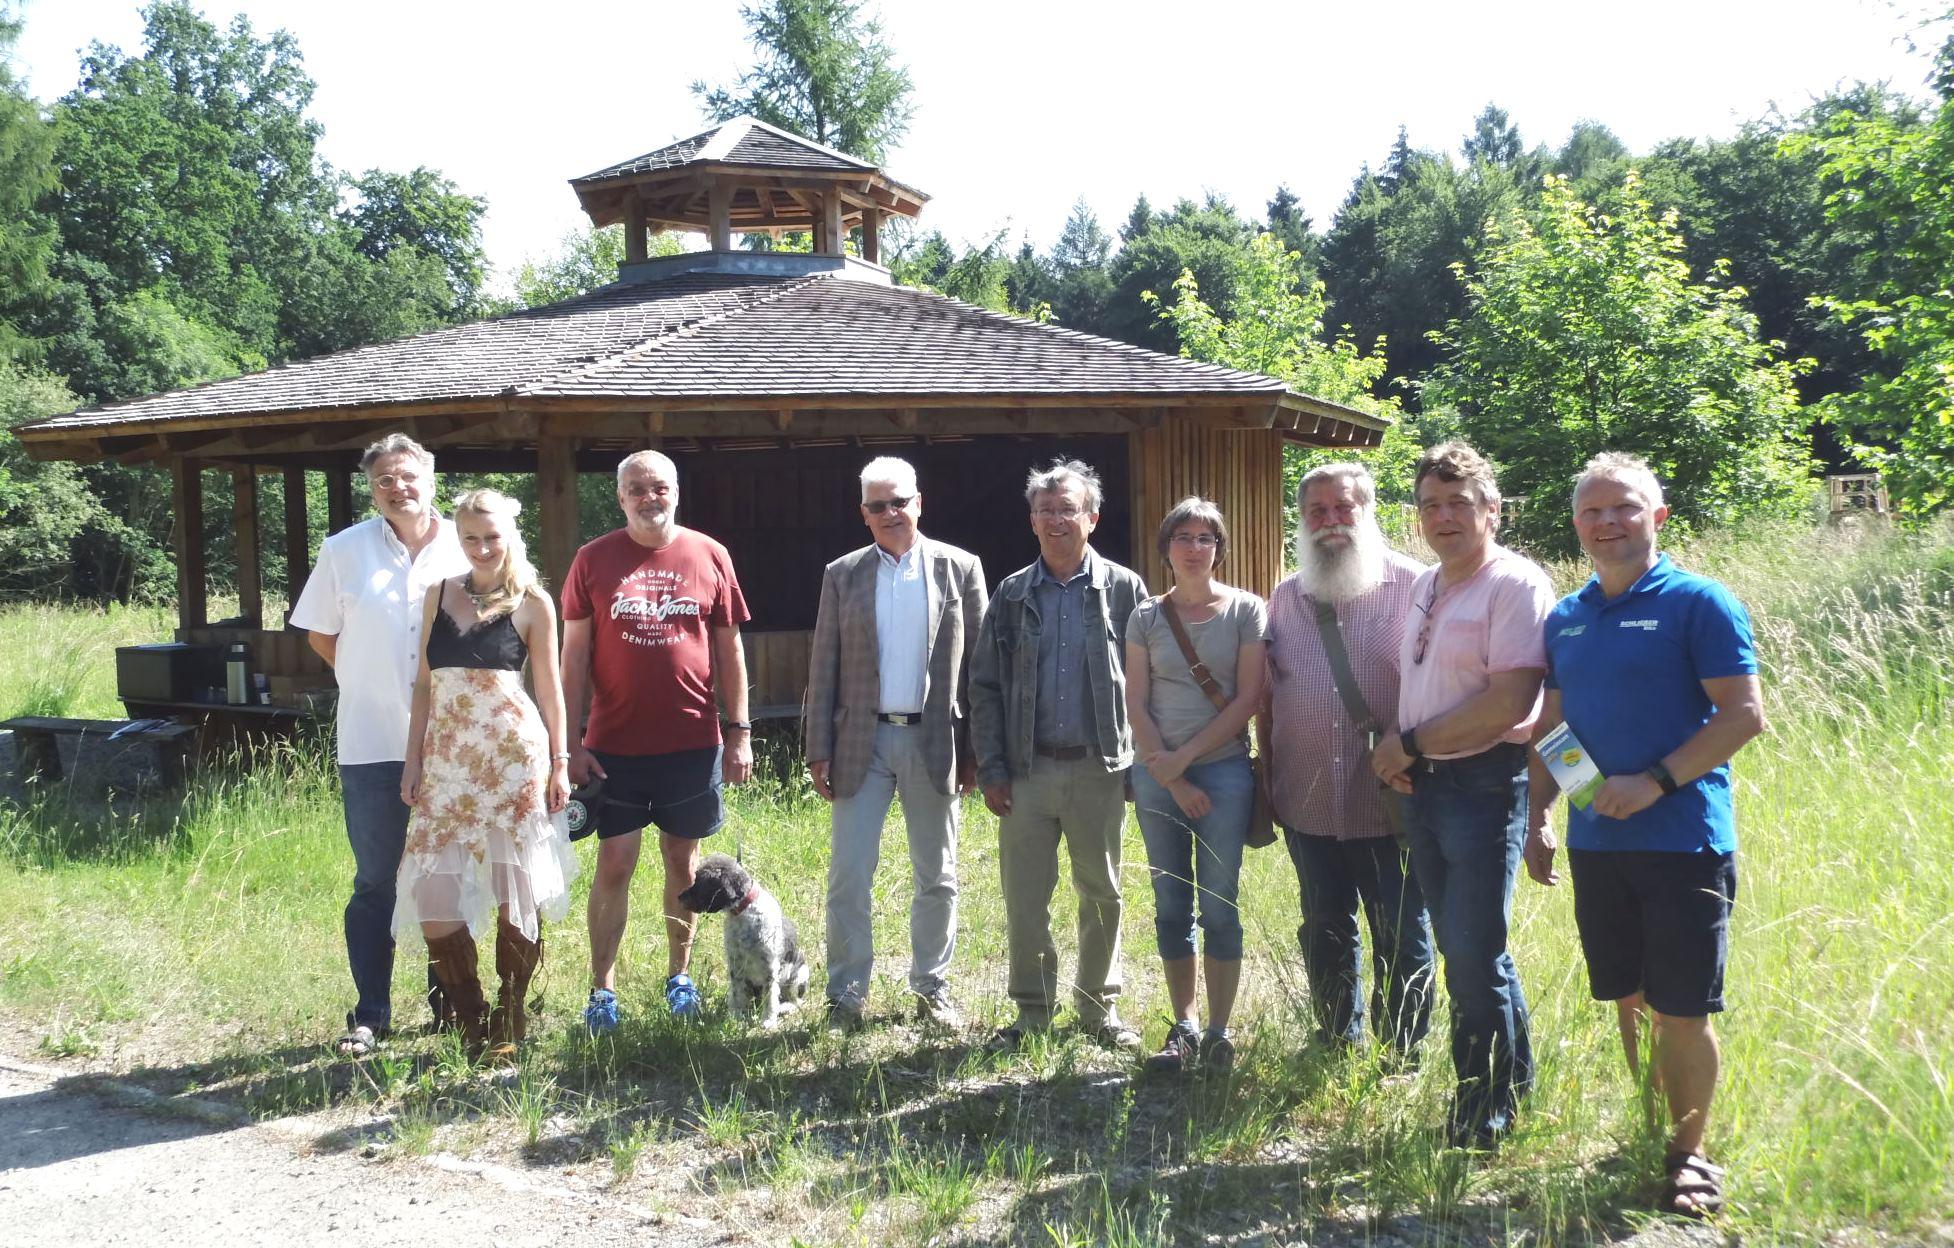 GEMEINSAM AKTIV | Kultur- und Bewegungstag am 20. August